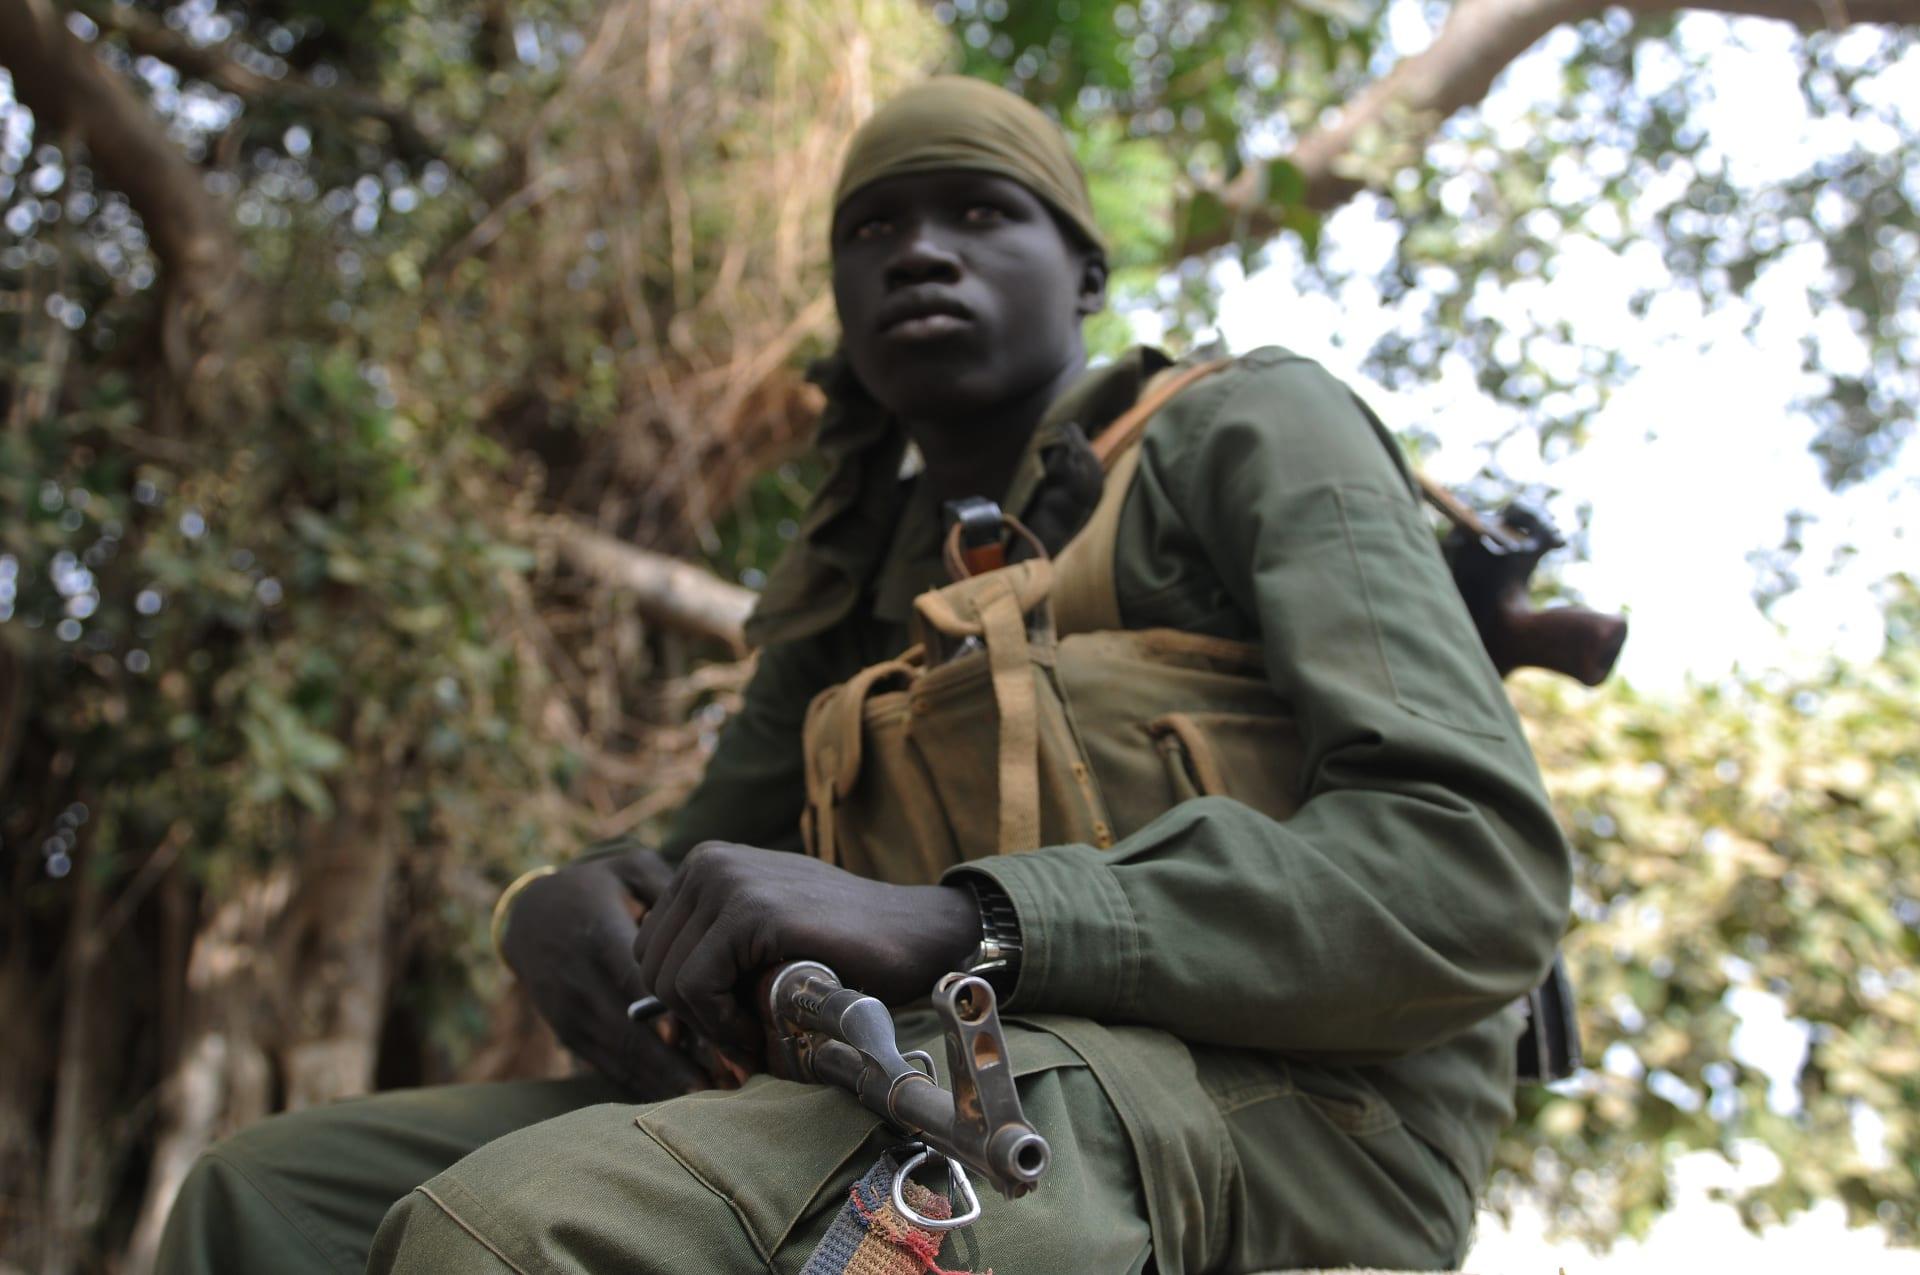 غرق نحو 300 من الفارين من القتال بجنوب السودان